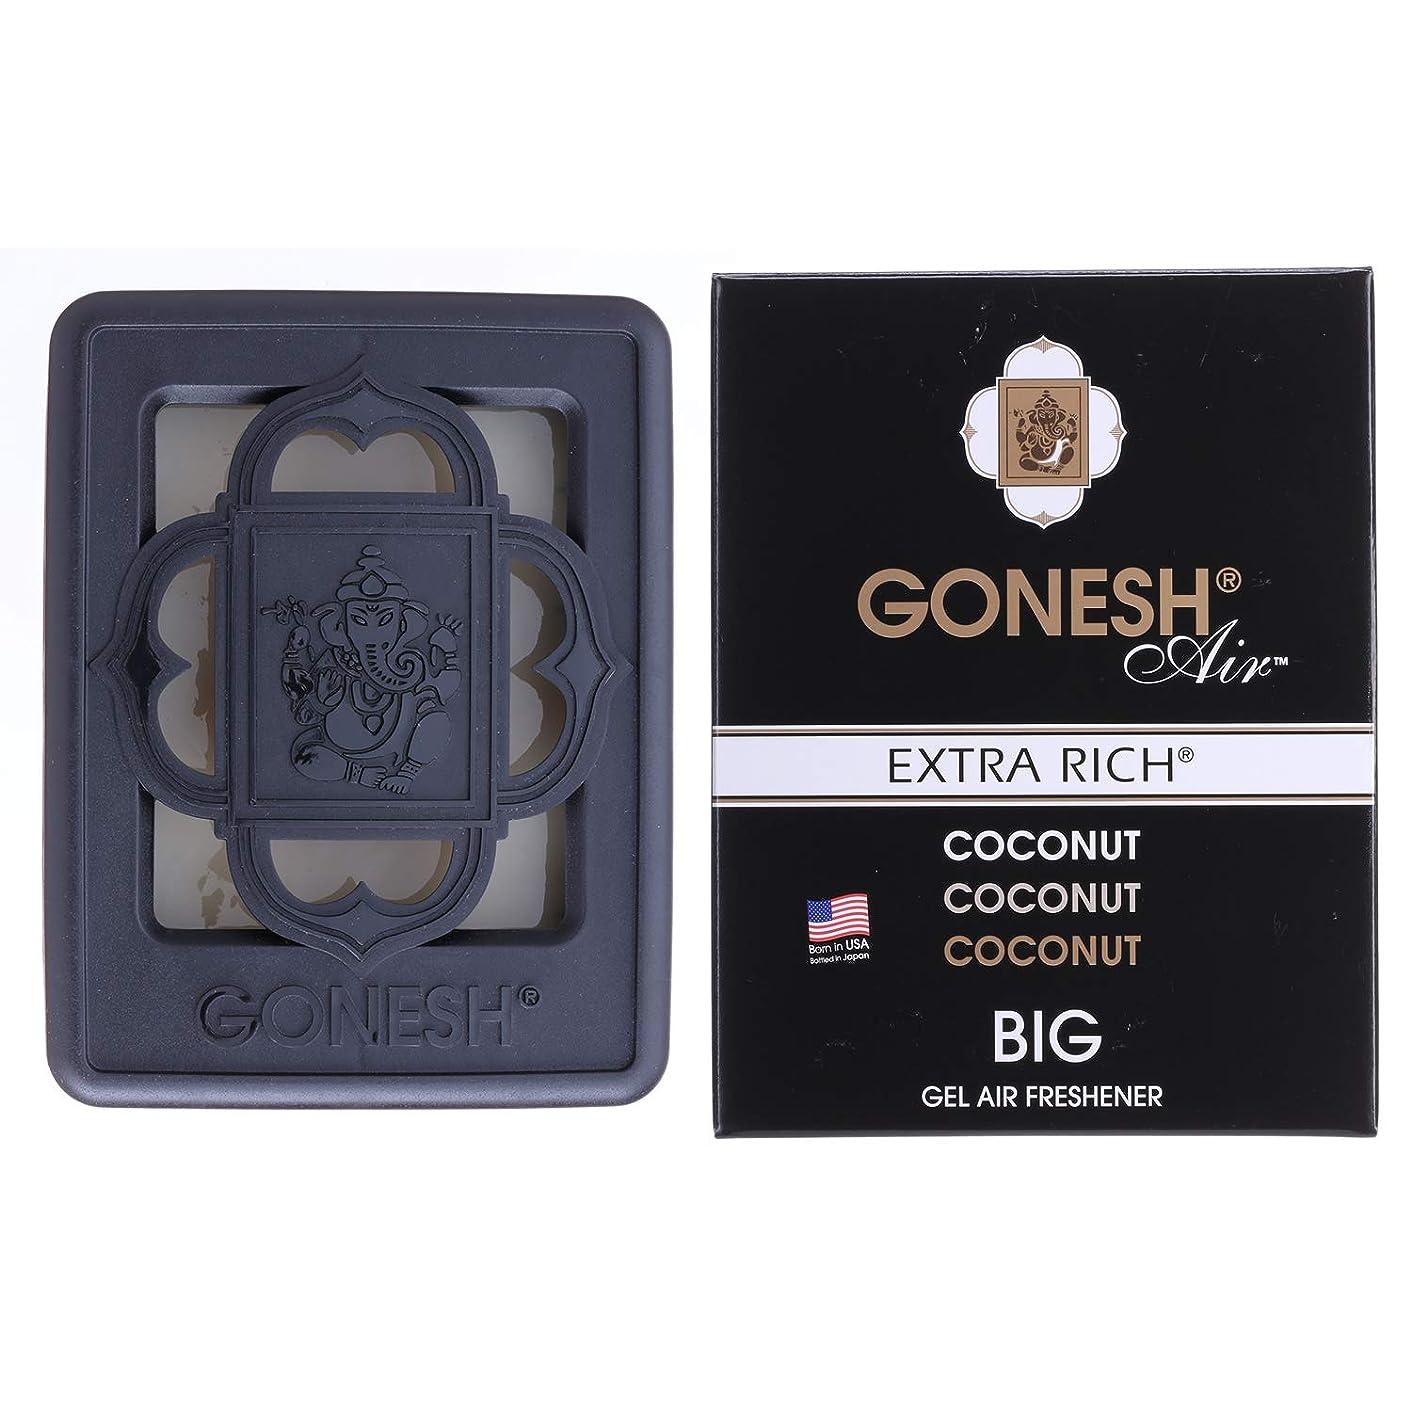 干ばつ吸収剤枯れるGONESH(ガーネッシュ)ビッグゲルエアフレッシュナー ココナッツ(ココナッツの香り)